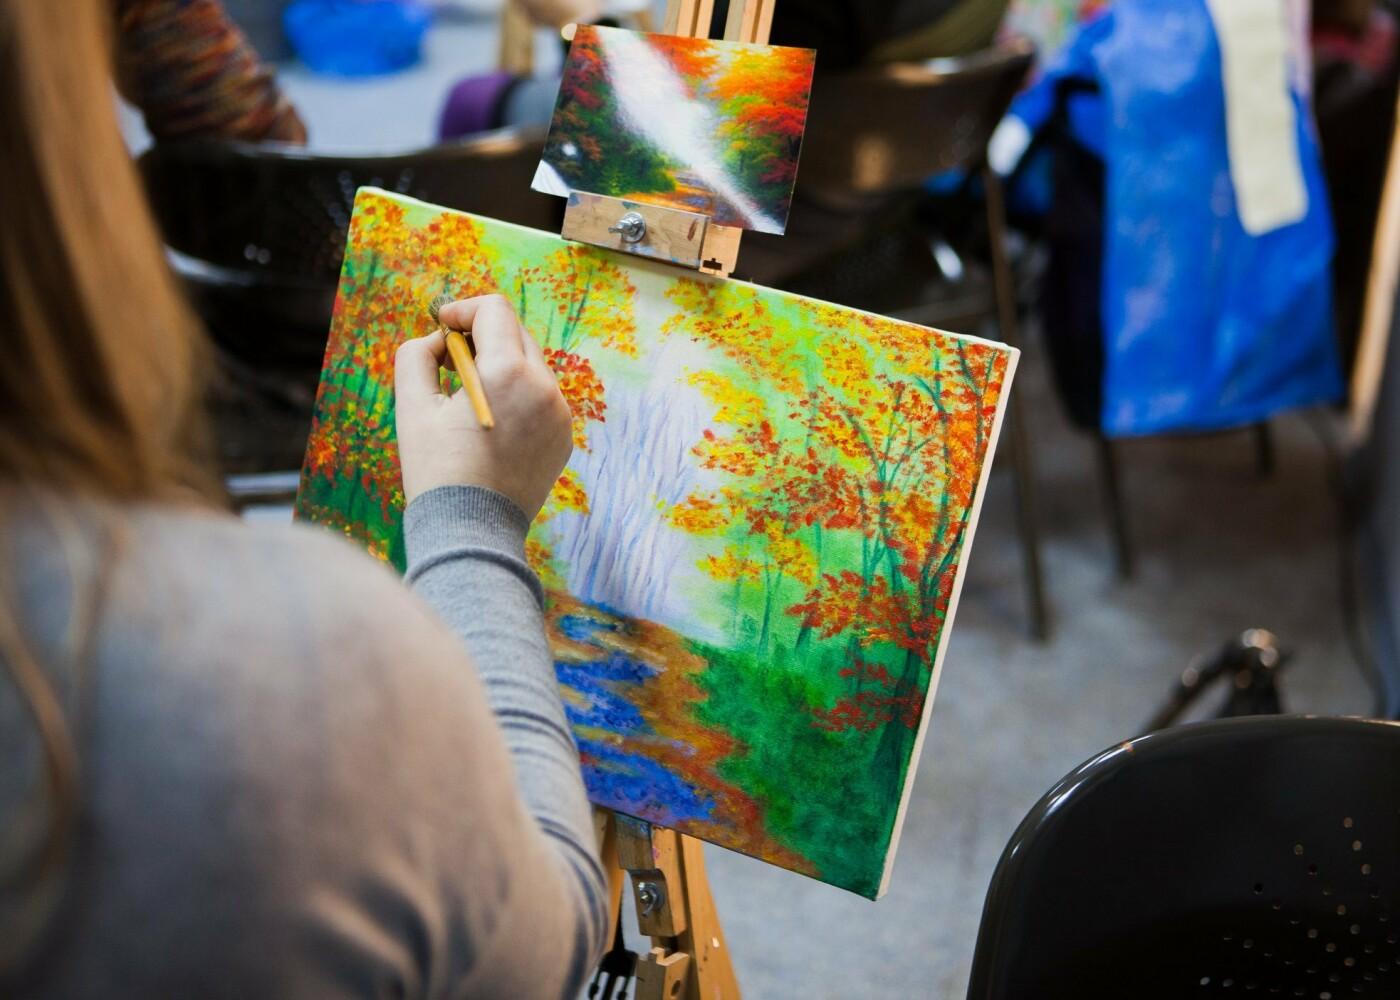 Літо – час нових курсів у Халабуді! Встигни записатись і прокачати себе у бізнесі, живописі та фотографії, фото-5